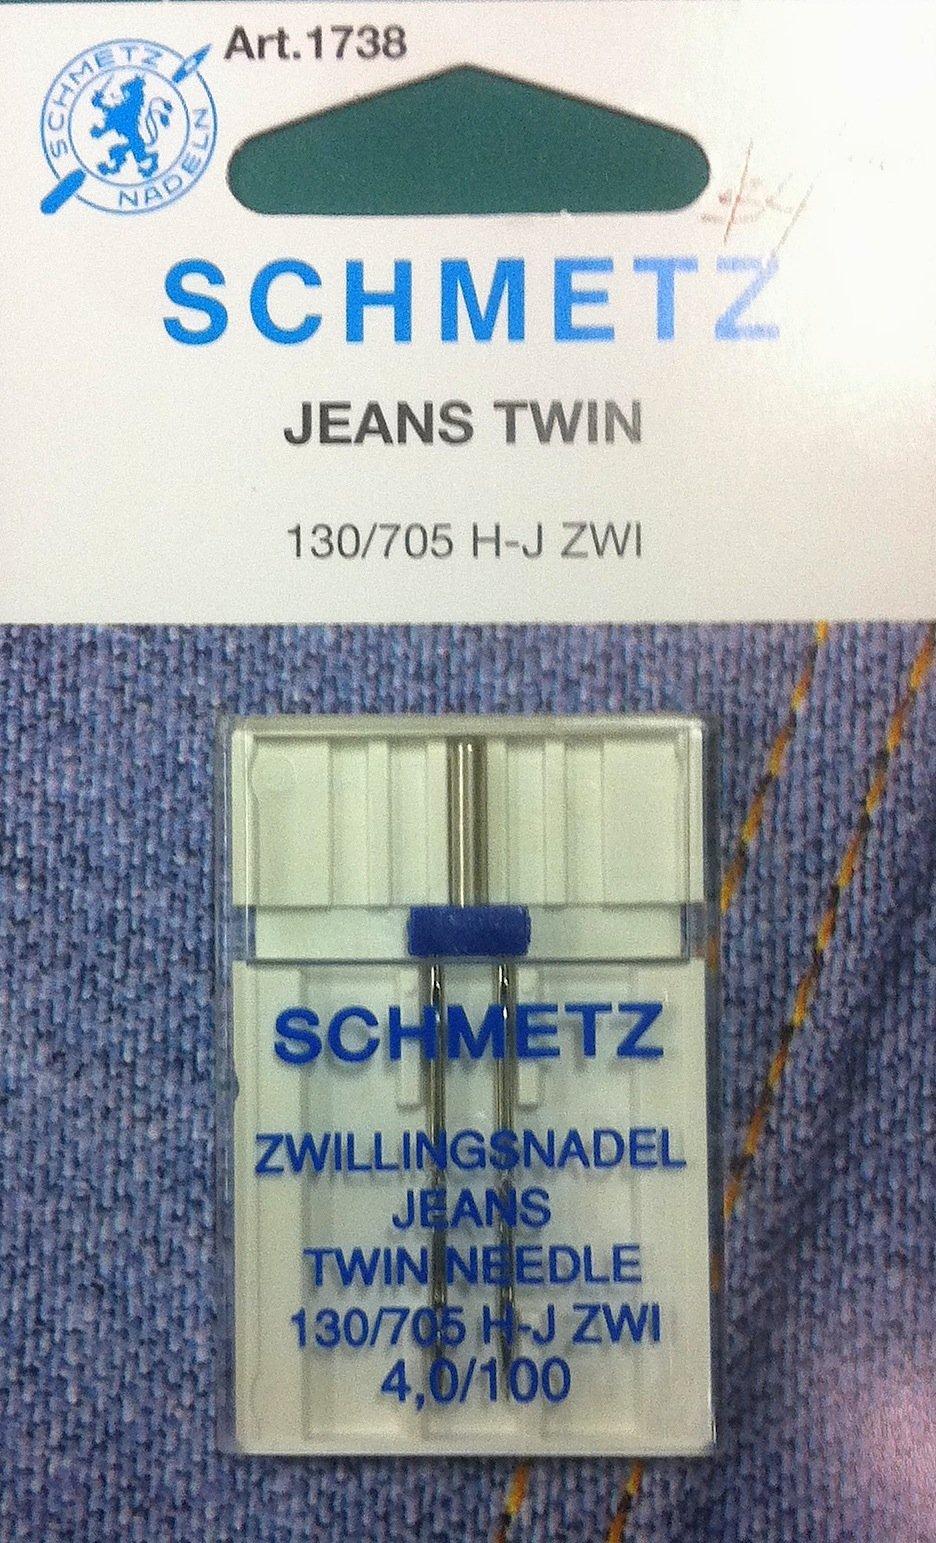 Schmetz Jeans Twin Needle 4.0/100